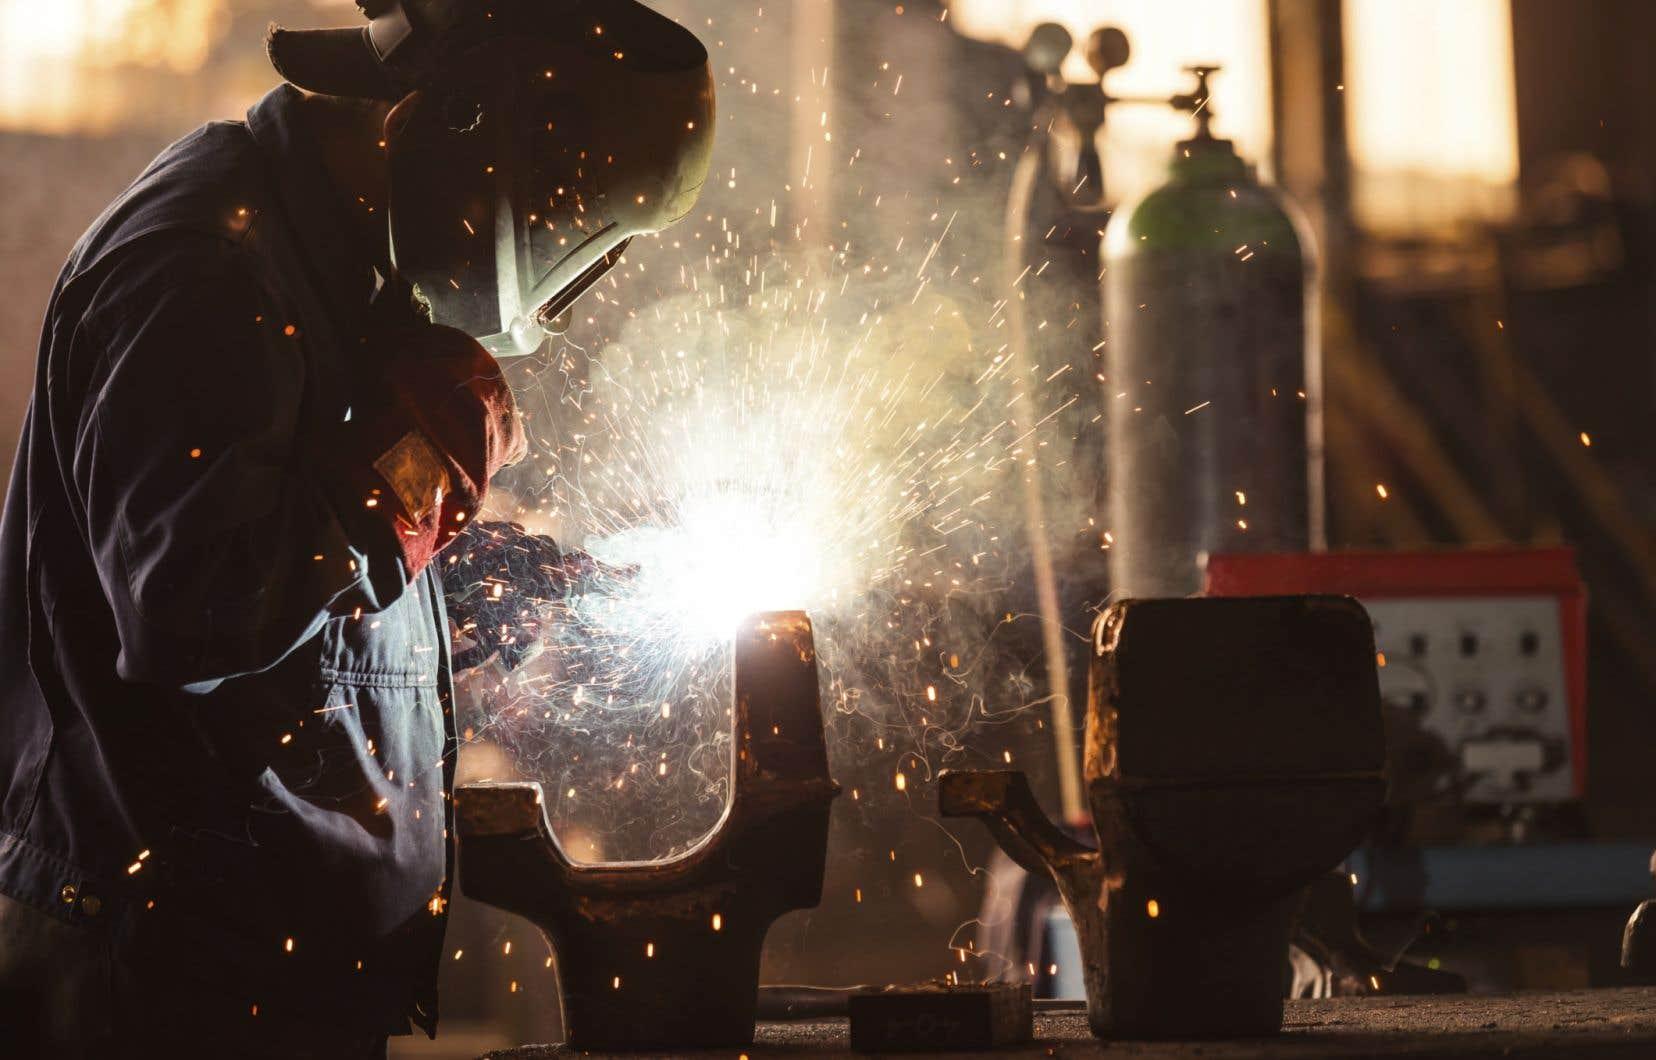 Parmi les travailleurs les plus exposés au plomb, on compte les policiers (en salle de tir), les soudeurs, les mécaniciens et les travailleurs de fonderie.